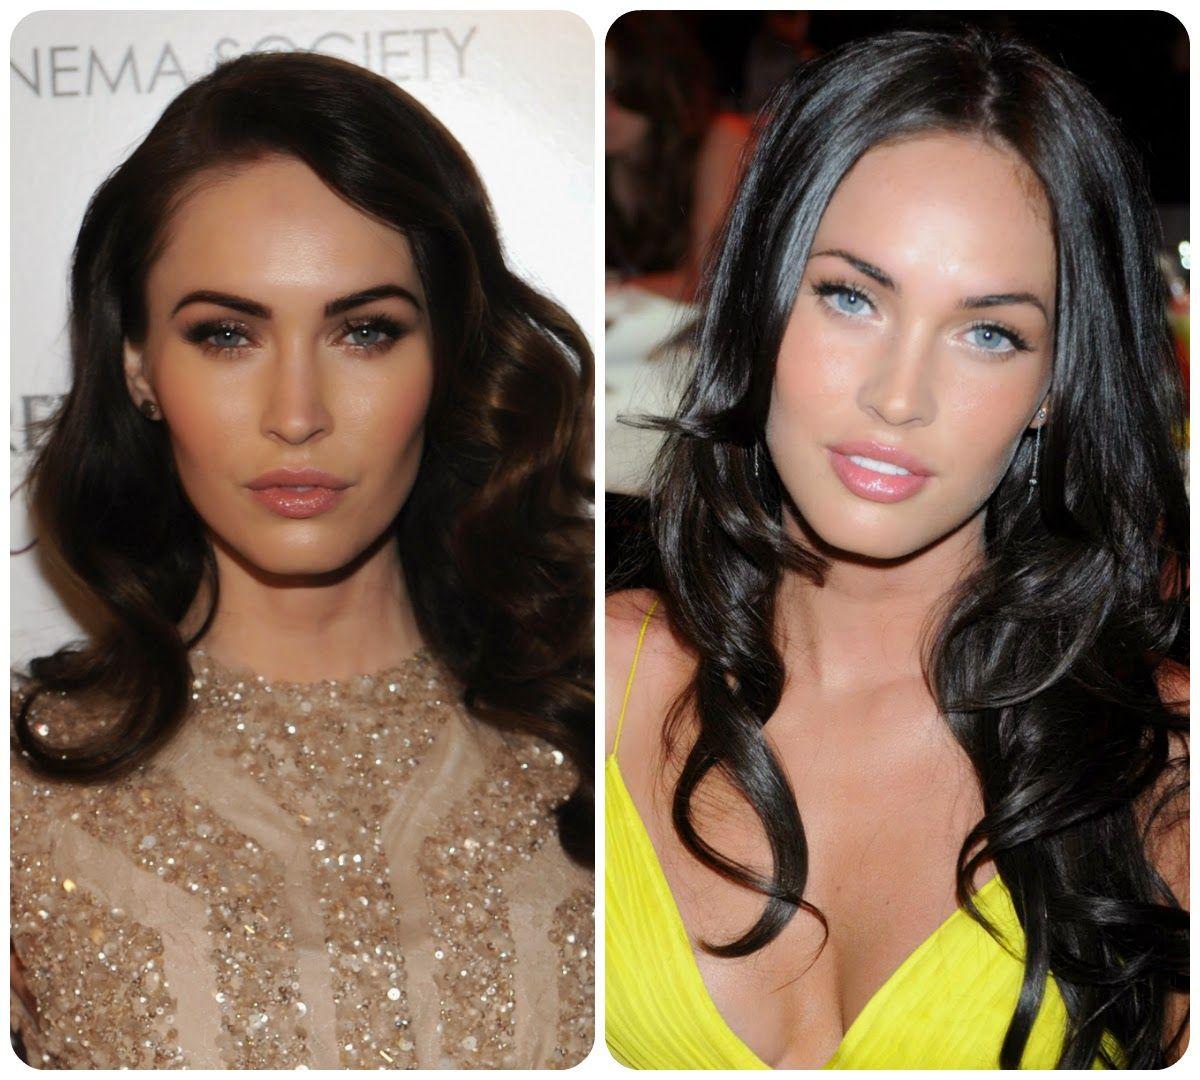 Tvár Megan Fox (kontrastný zimný typ)sa v tlmenej farbe a málo kontrastnom líčení stráca a žiarivá farba očí zaniká. V žiarivej žltej jej výrazné oči viac vyniknú.